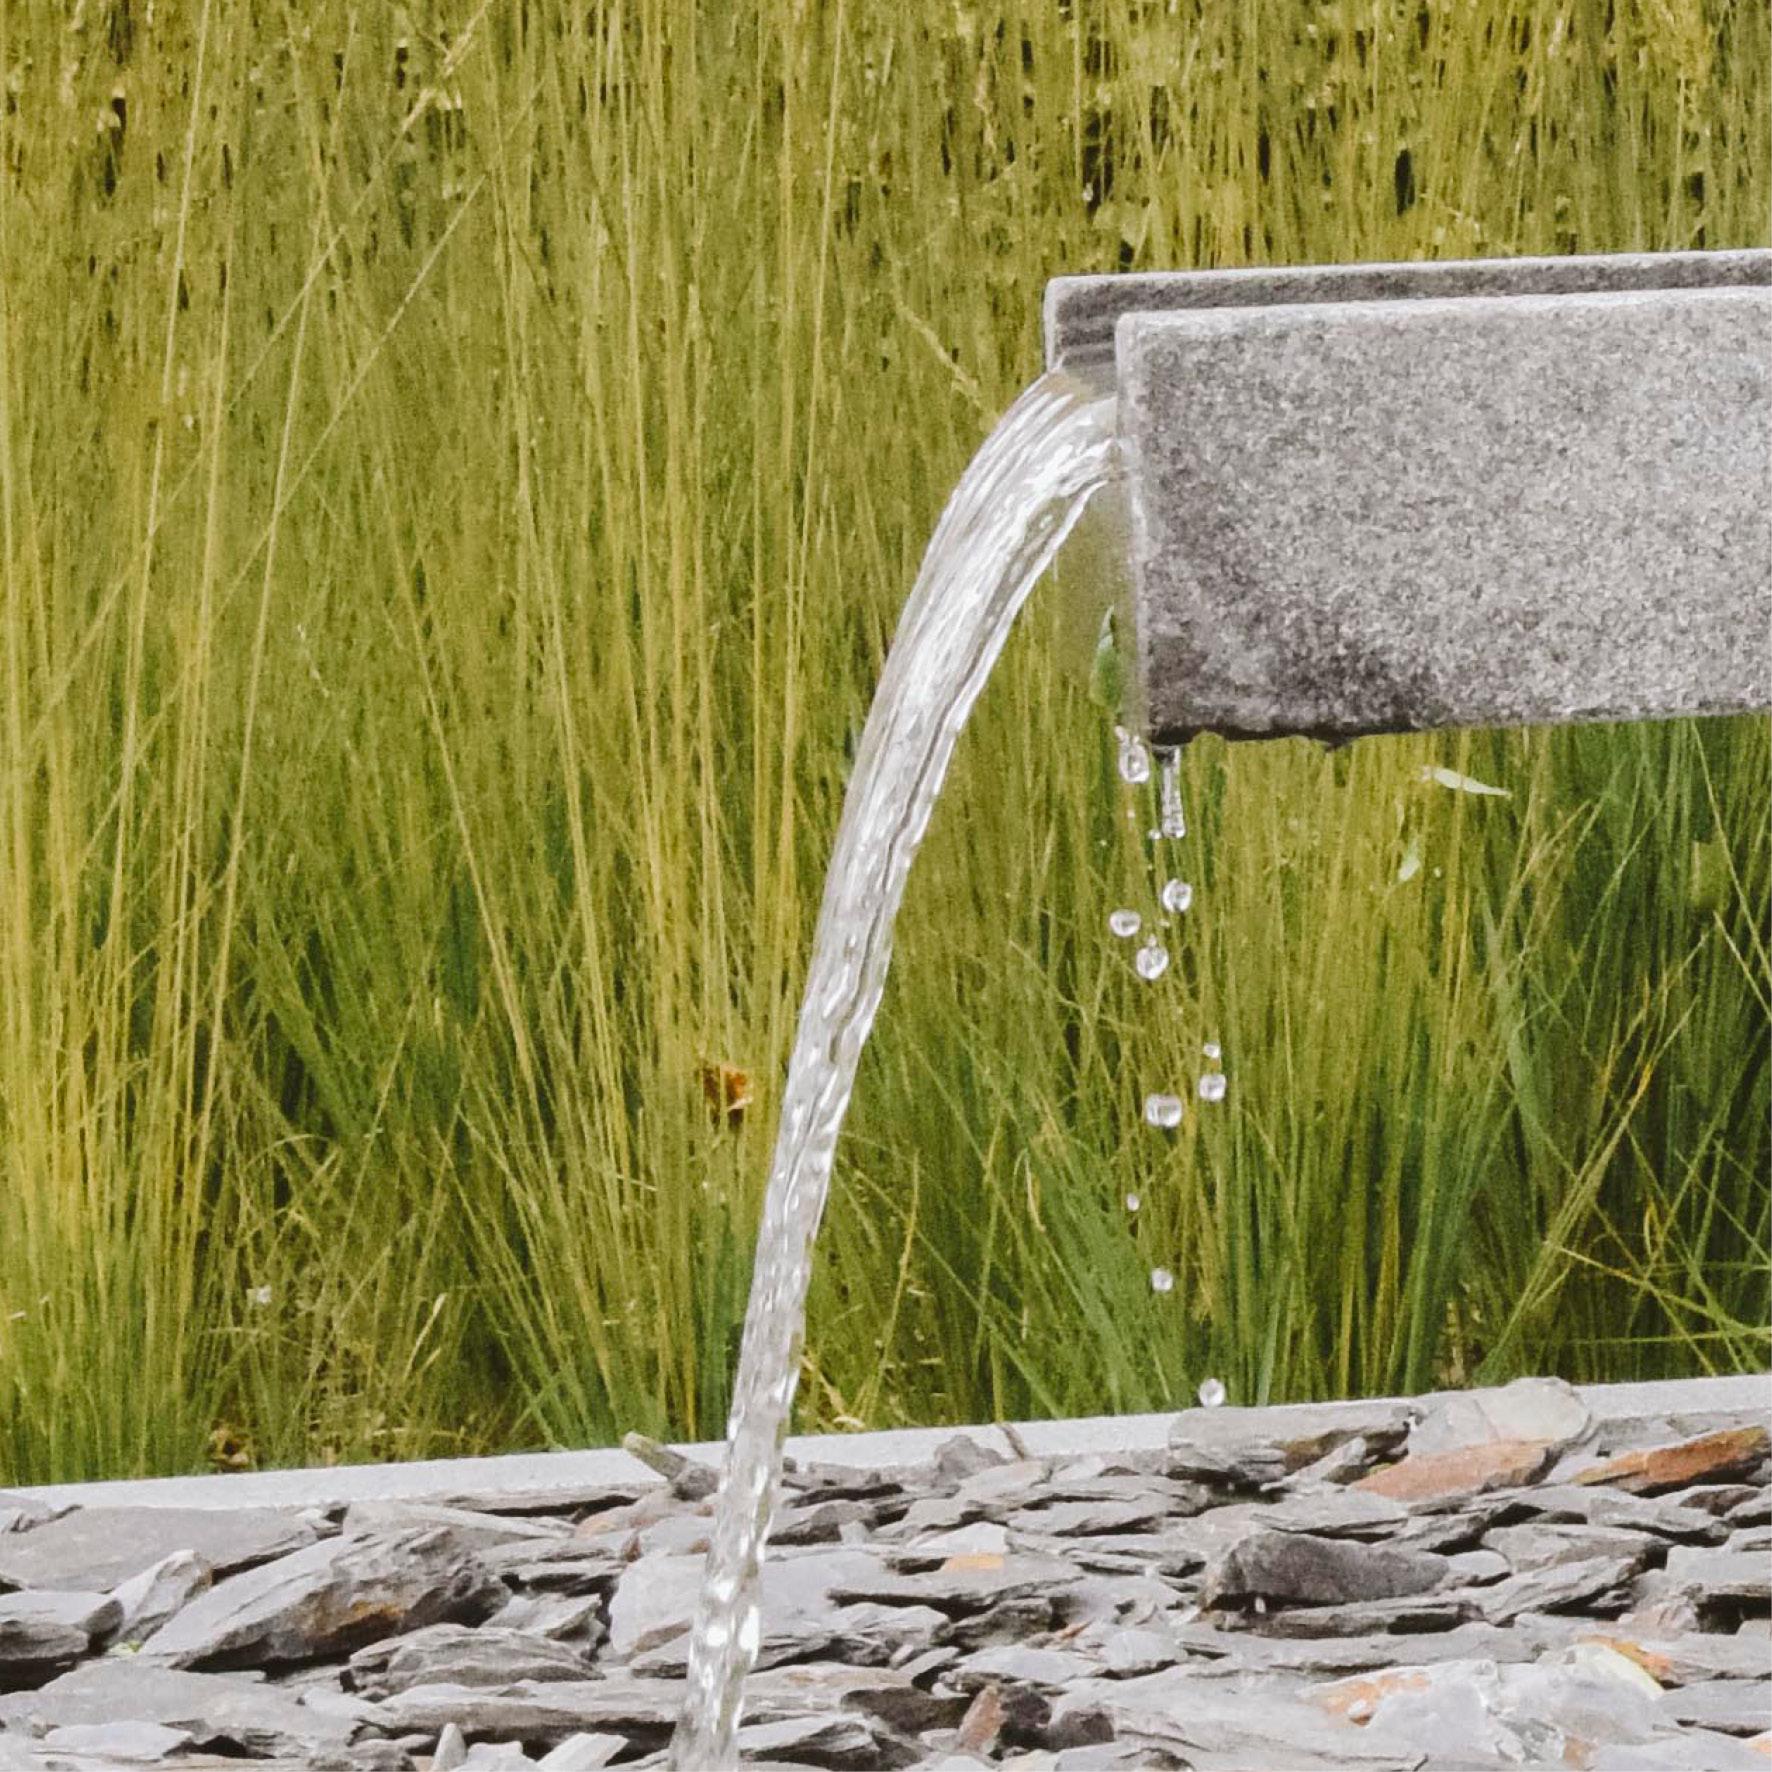 The Lung Project_waterelement_waterpartij_strakke versus organische architectuur.jpg